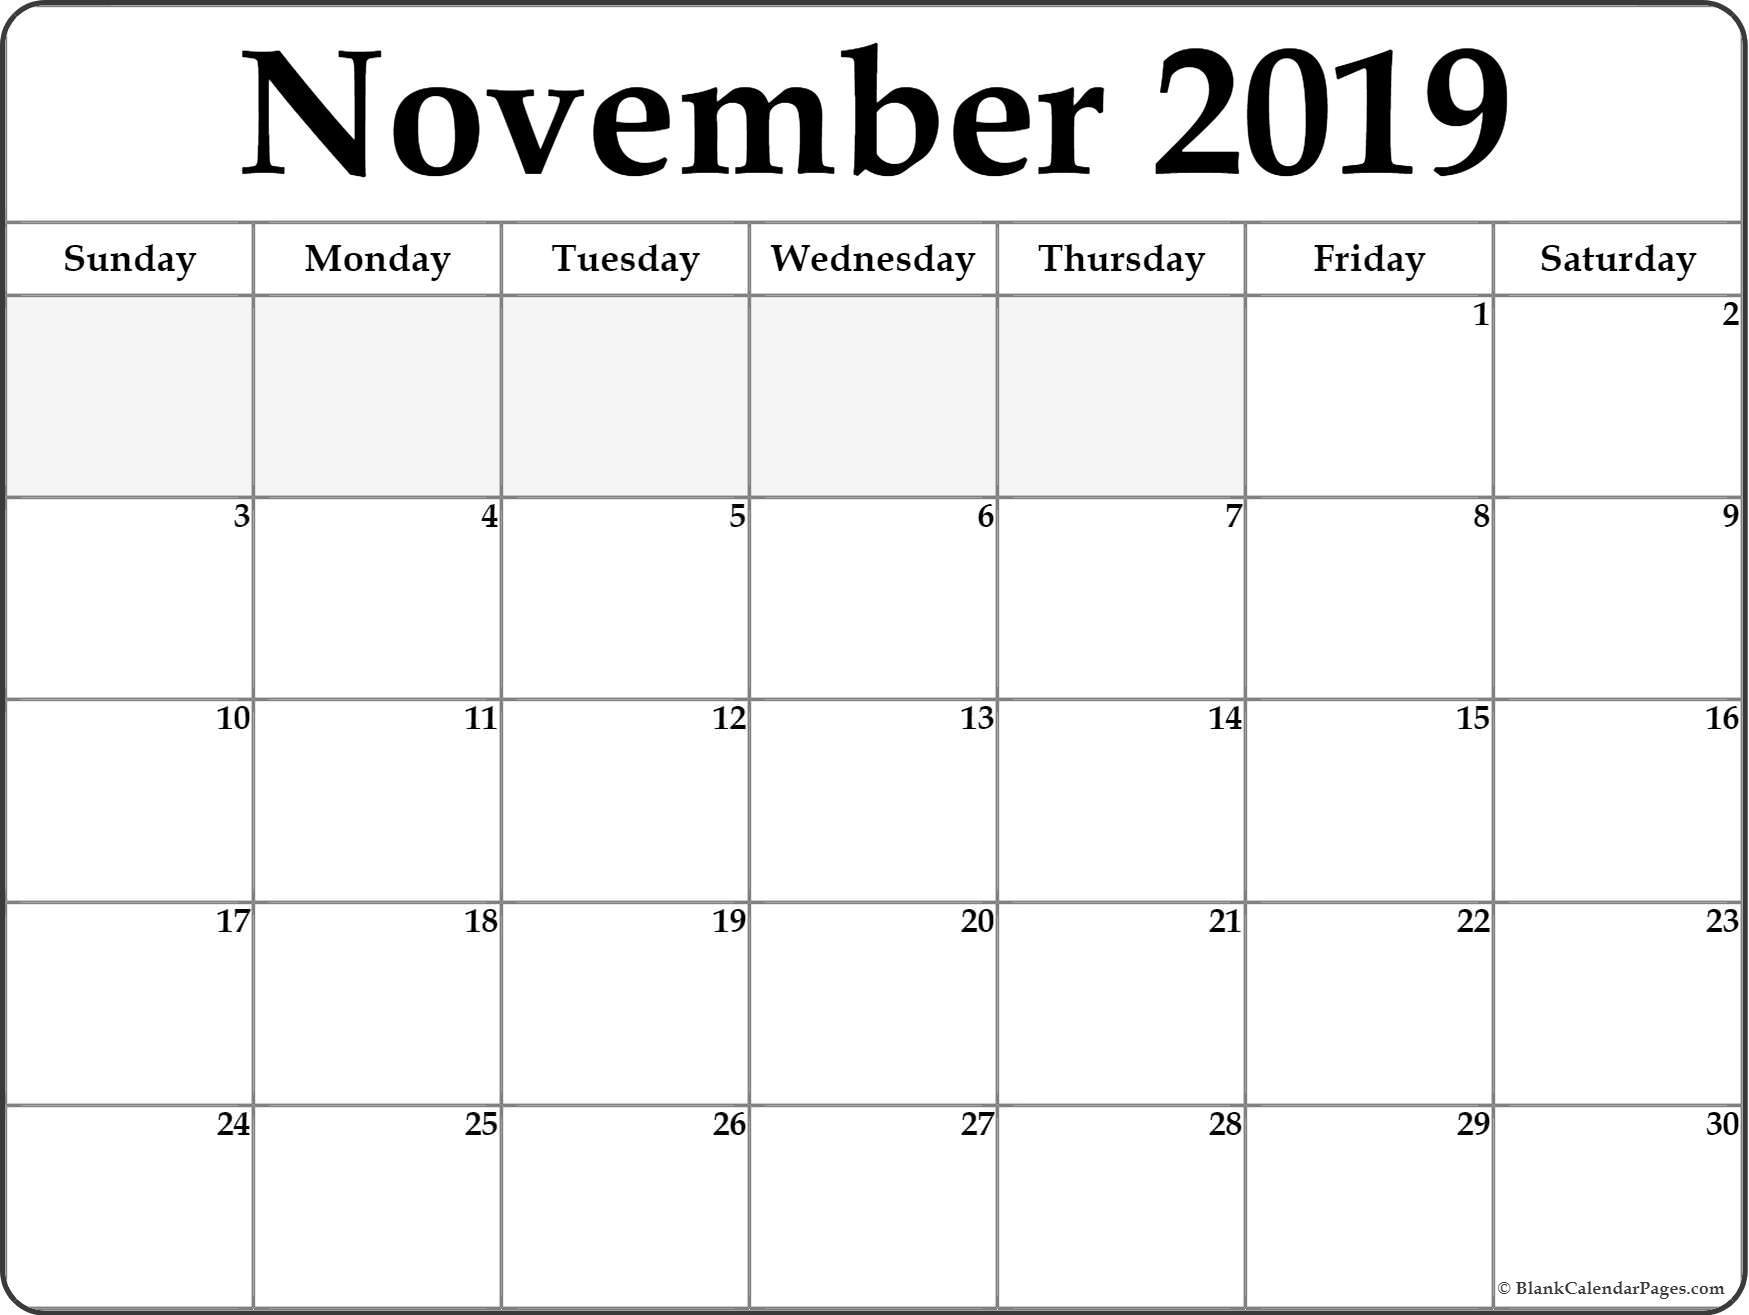 November 2019 Printable Calendar November 2019 Blank Calendar Collection